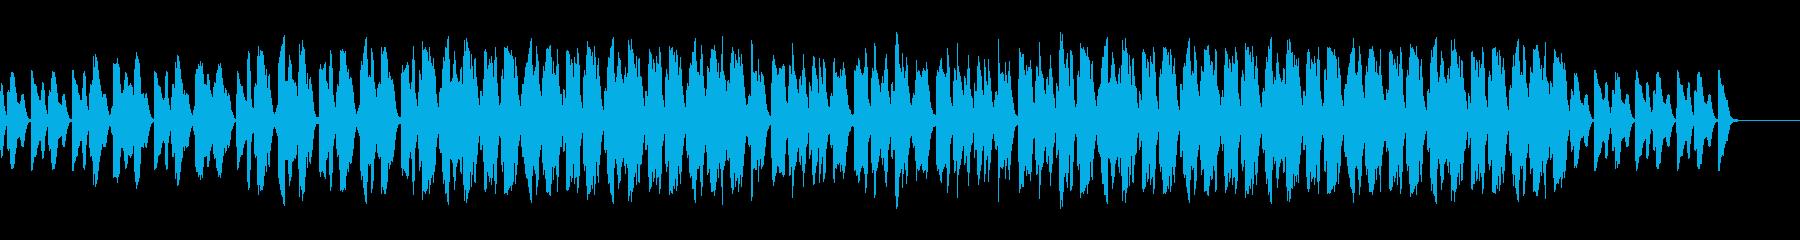 ゆるーく、かわいいピアニカBGMの再生済みの波形